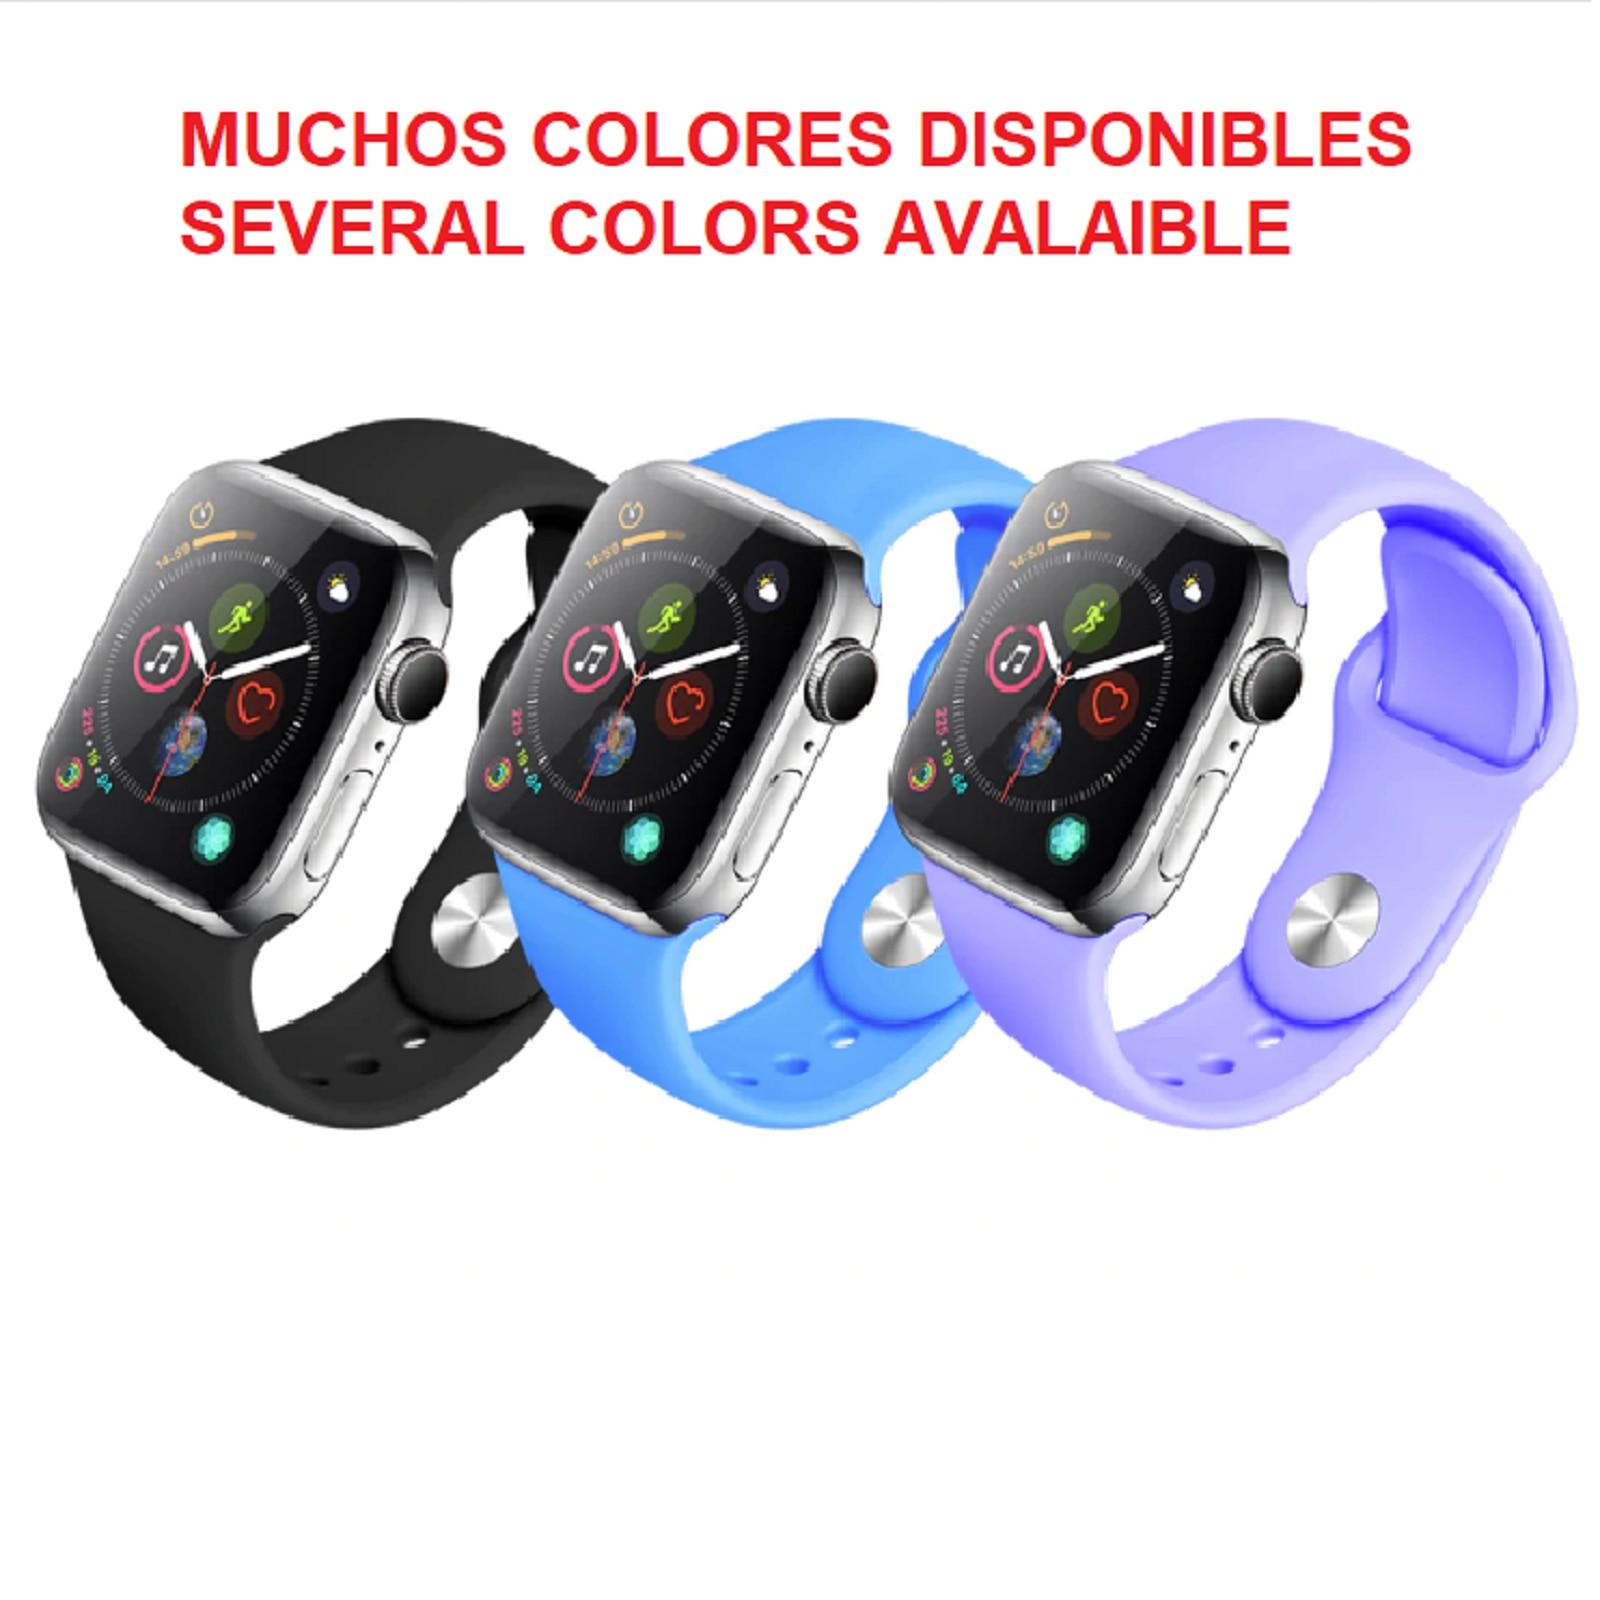 Pulsera Silicona De Recambio COMPATIBLE Con Apple Watch 1 2 3